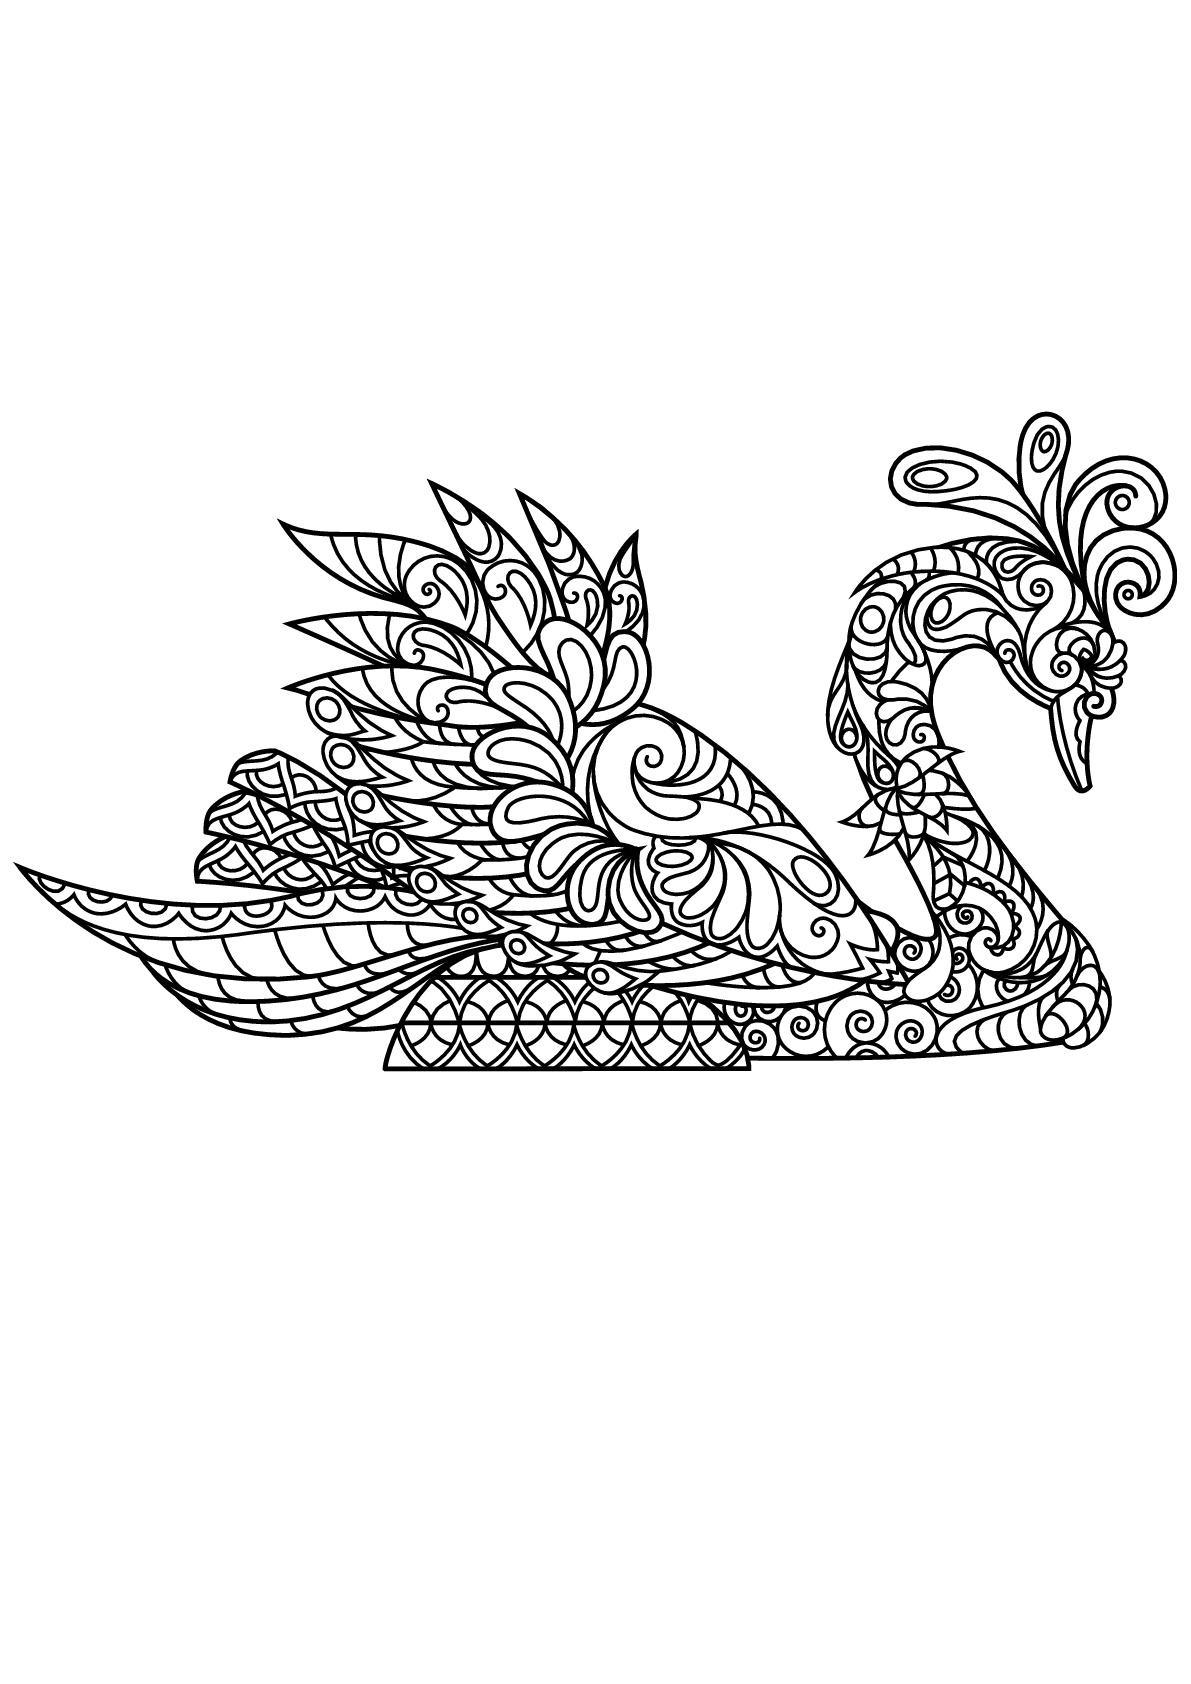 Colorear para adultos  : Aves - 22